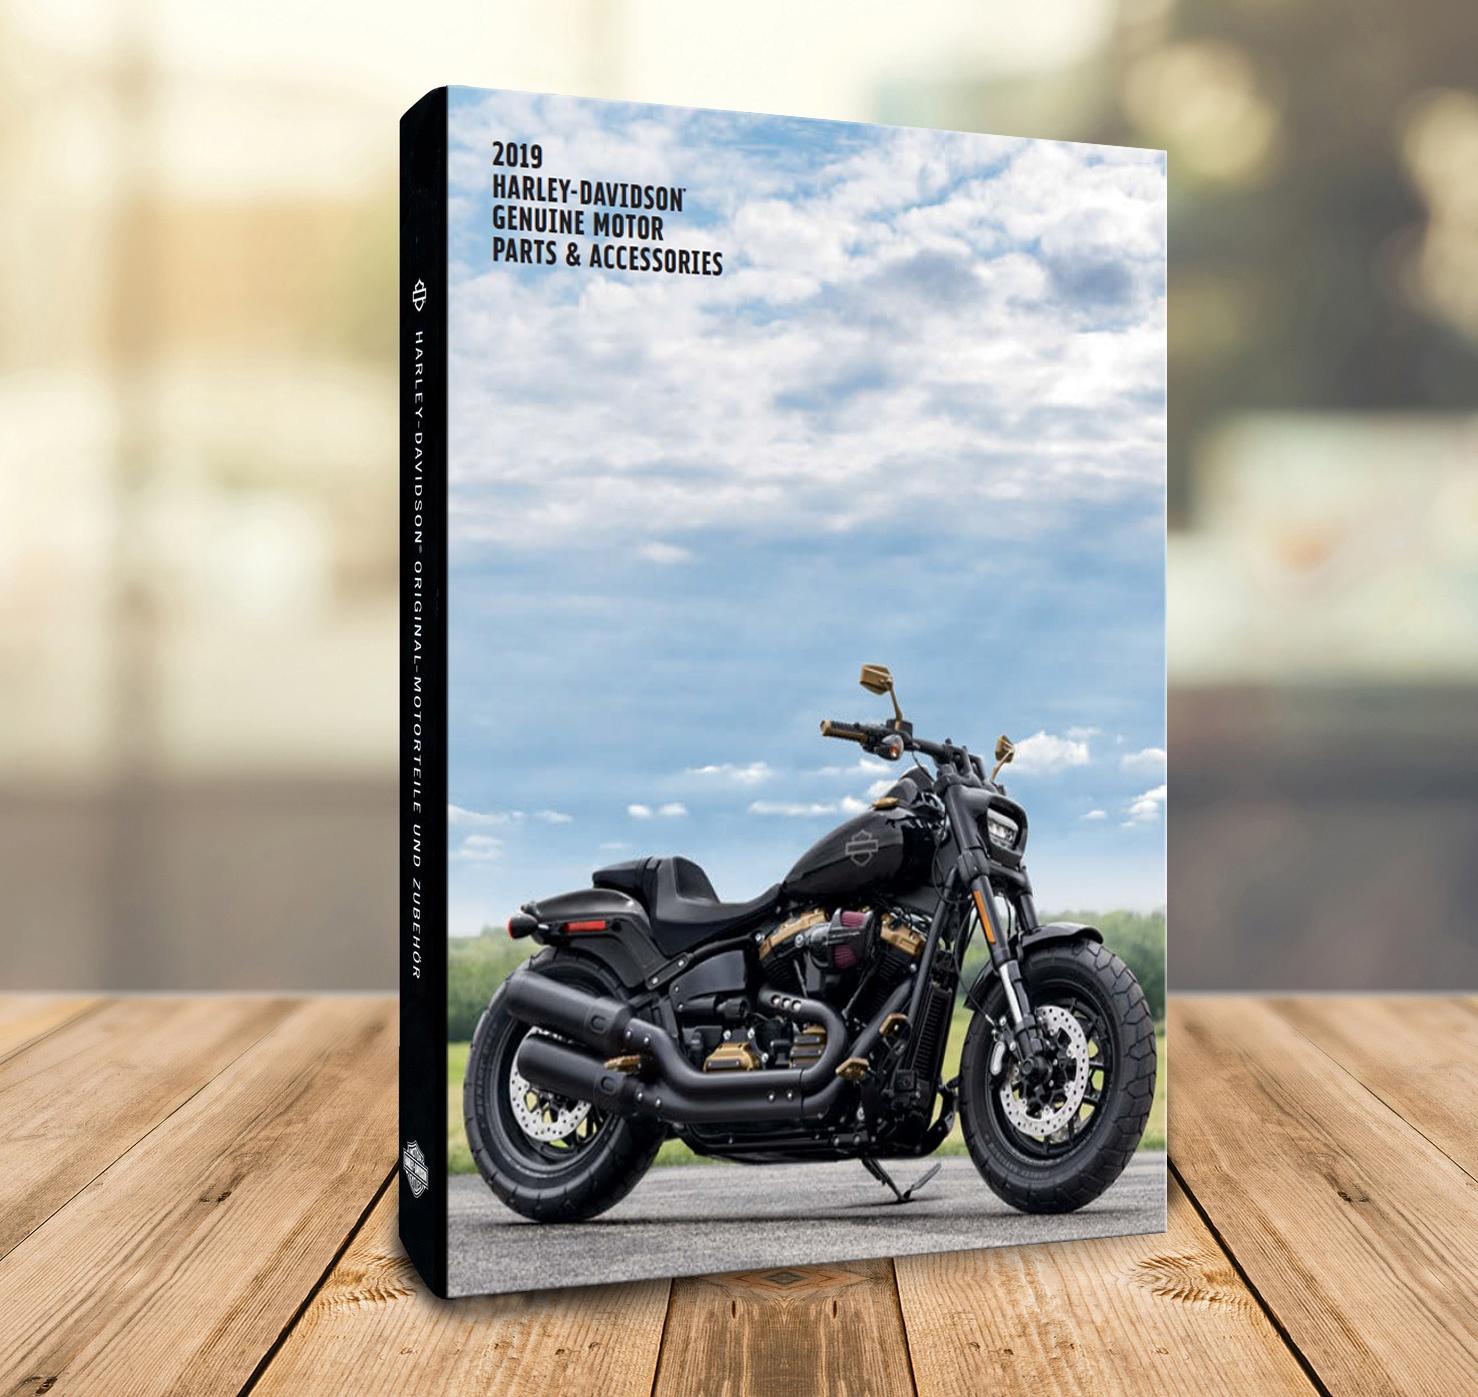 94500275 harley davidson p a katalog 2019 im thunderbike shop. Black Bedroom Furniture Sets. Home Design Ideas